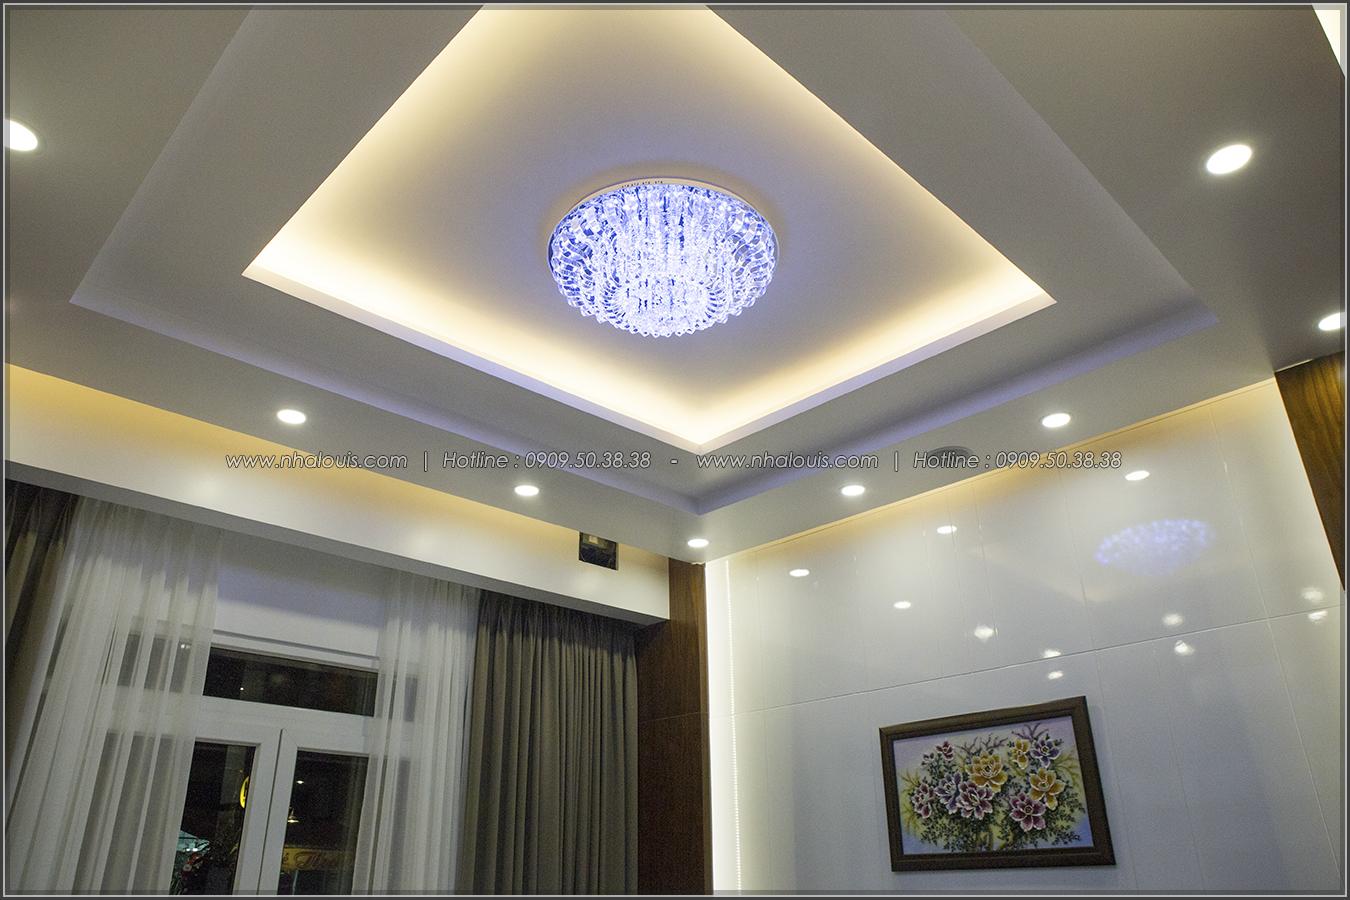 Thi công xây dựng biệt thự mặt tiền tân cổ điển cao 4 tầng tại Tân Phú - 09